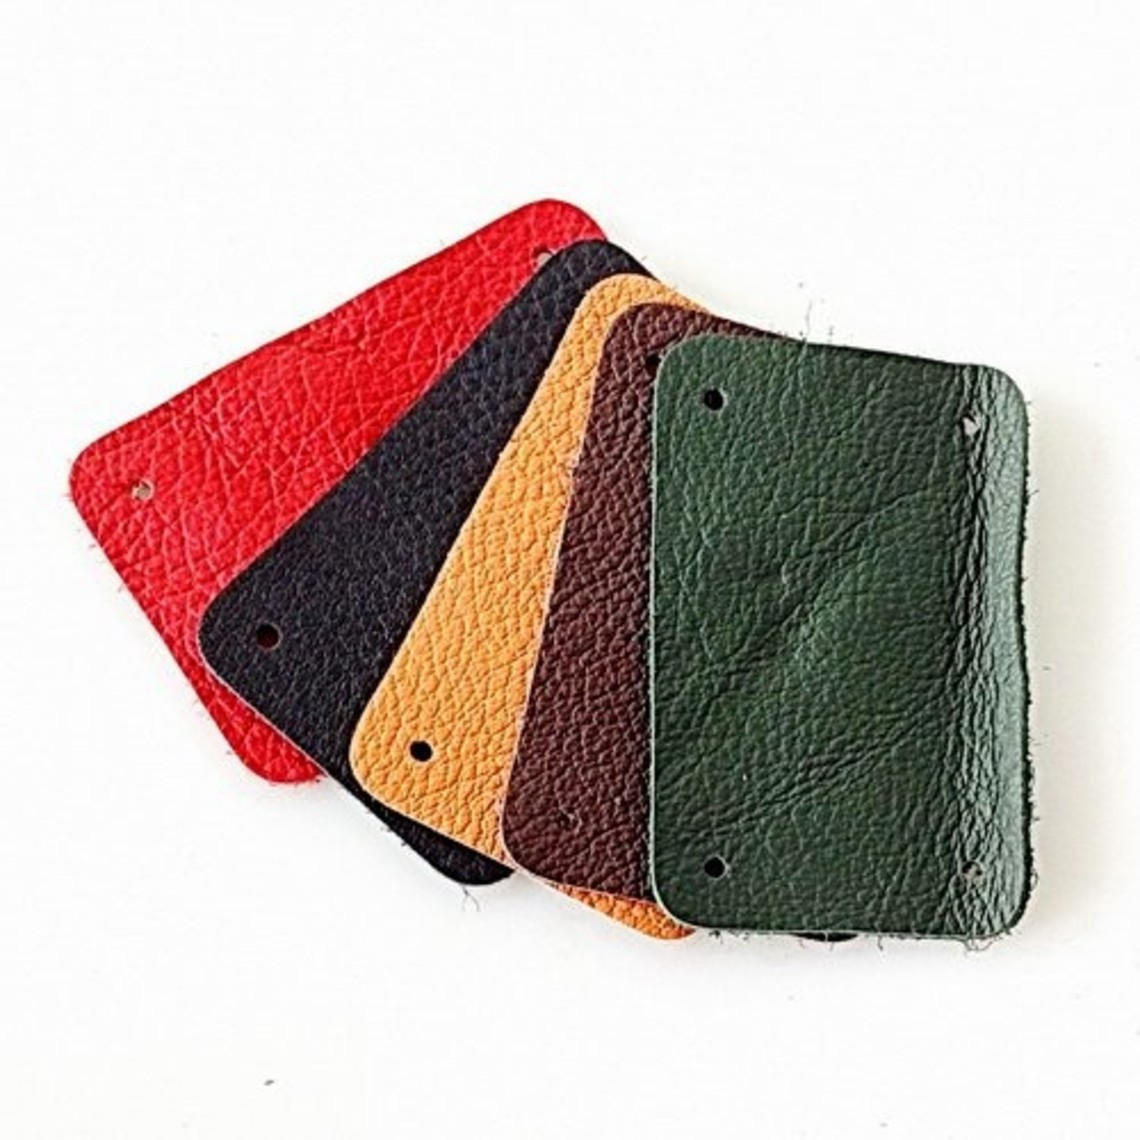 cuir nappa 50x pièce rectangulaire pour rétrécir l'armure d'échelle, brun foncé